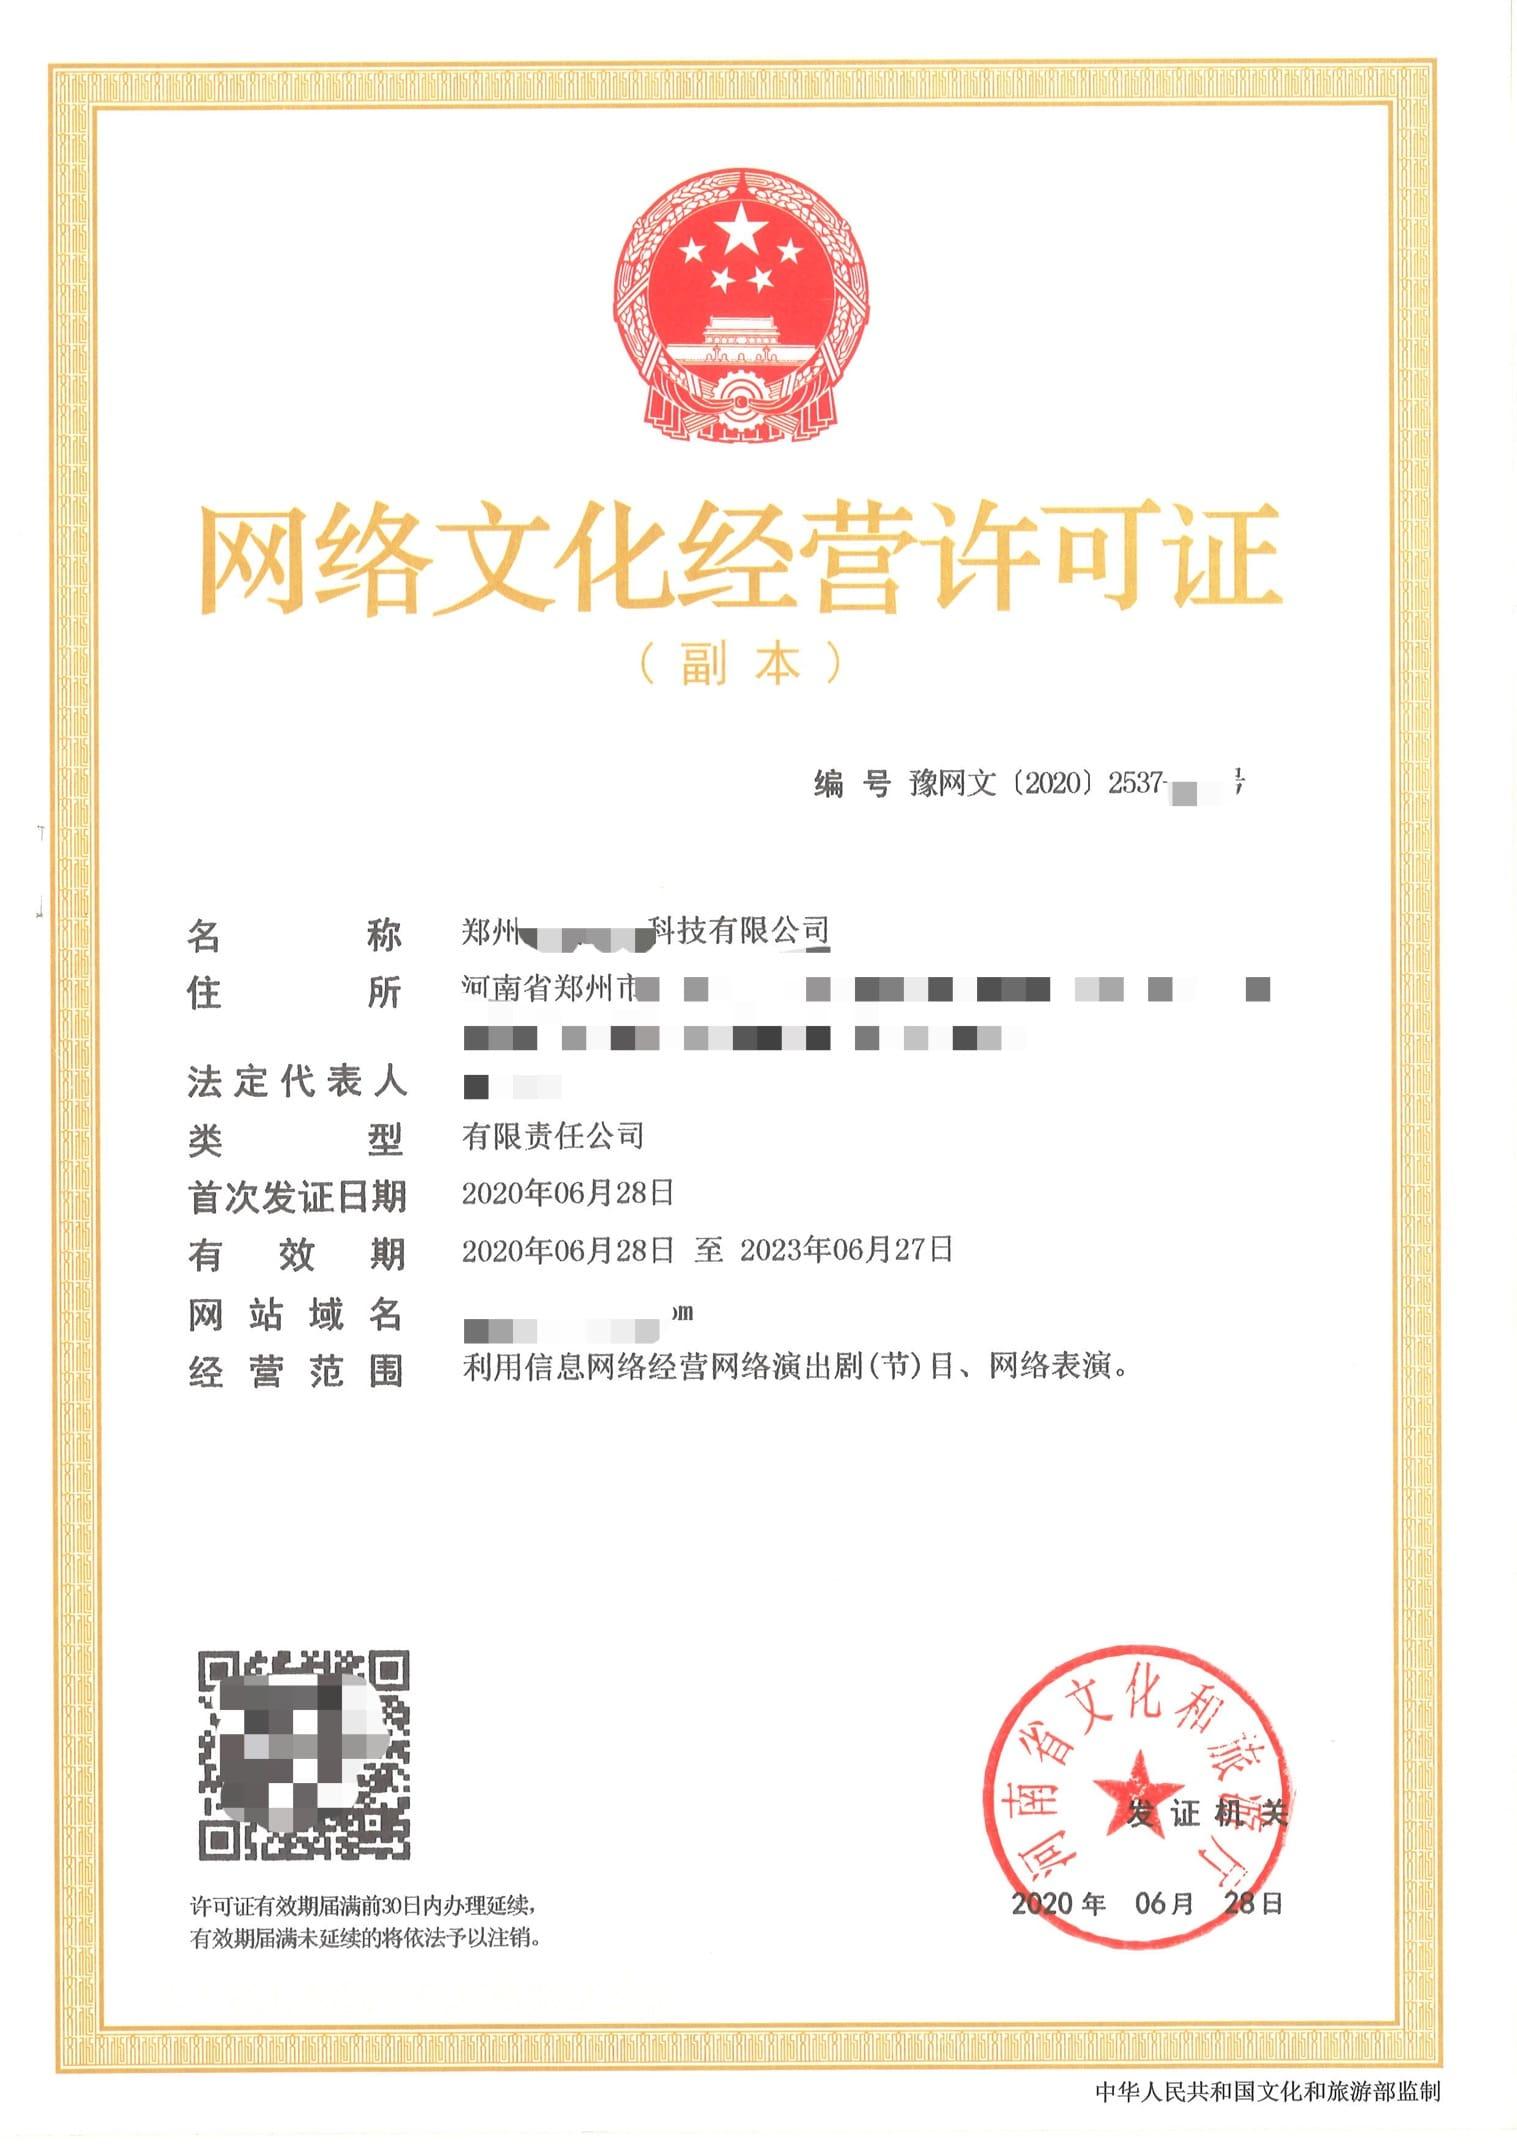 上海小说文网文许可证专注办理政策